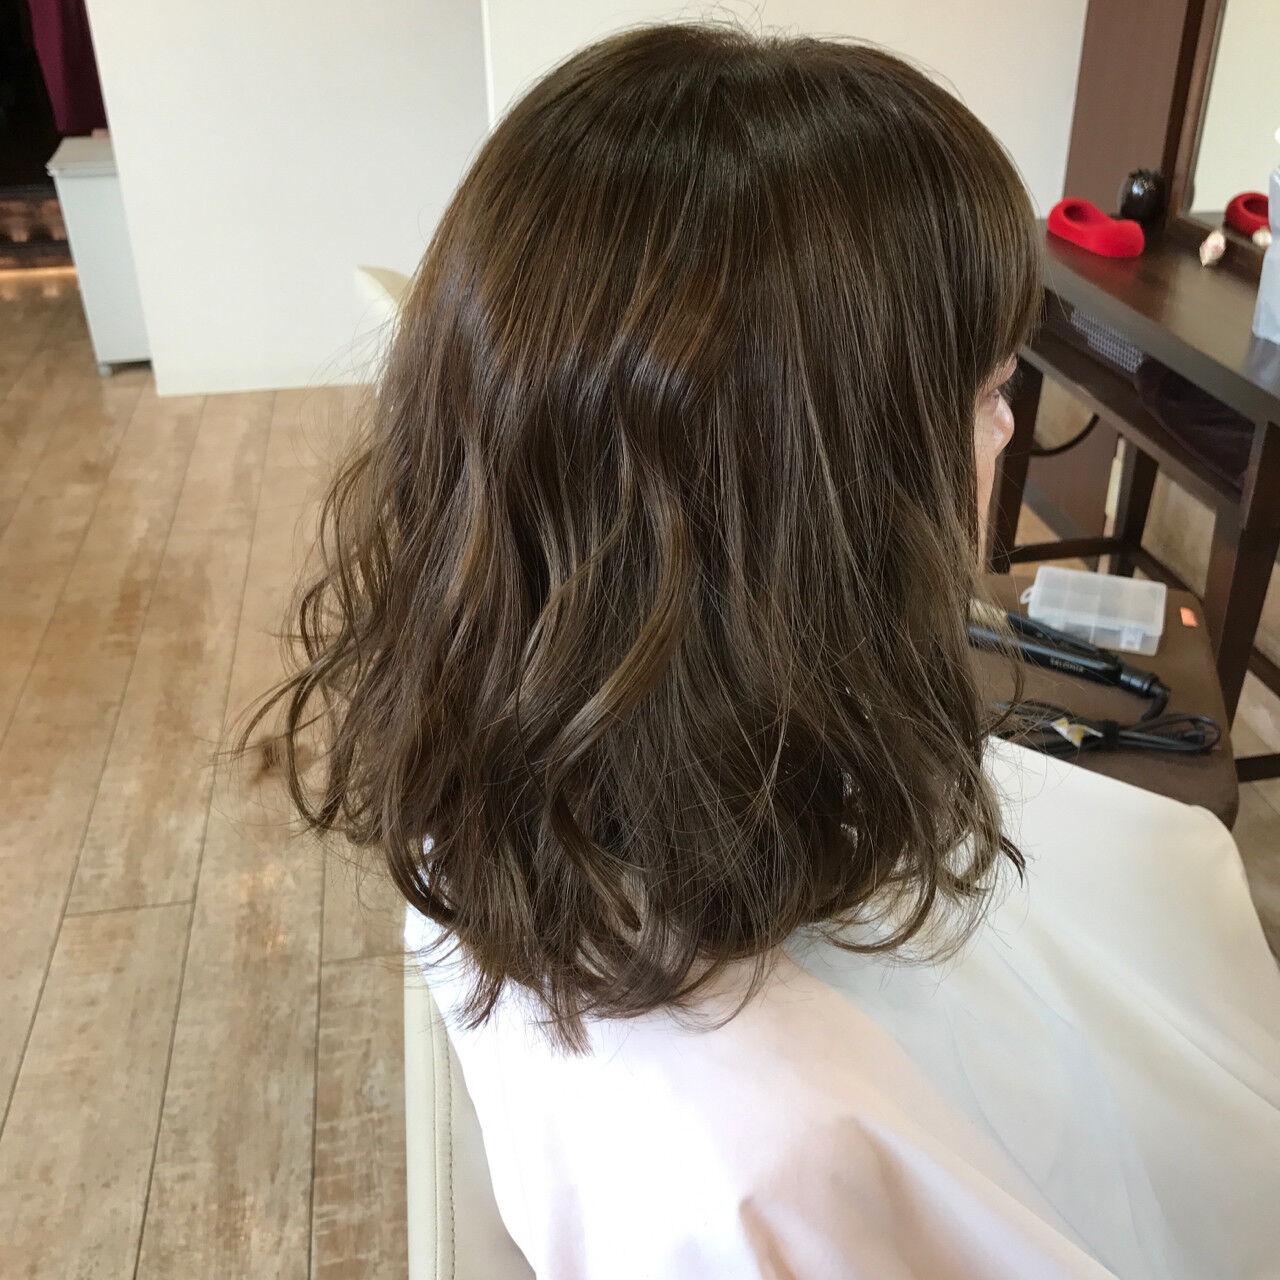 アッシュ ボブ ナチュラル モードヘアスタイルや髪型の写真・画像